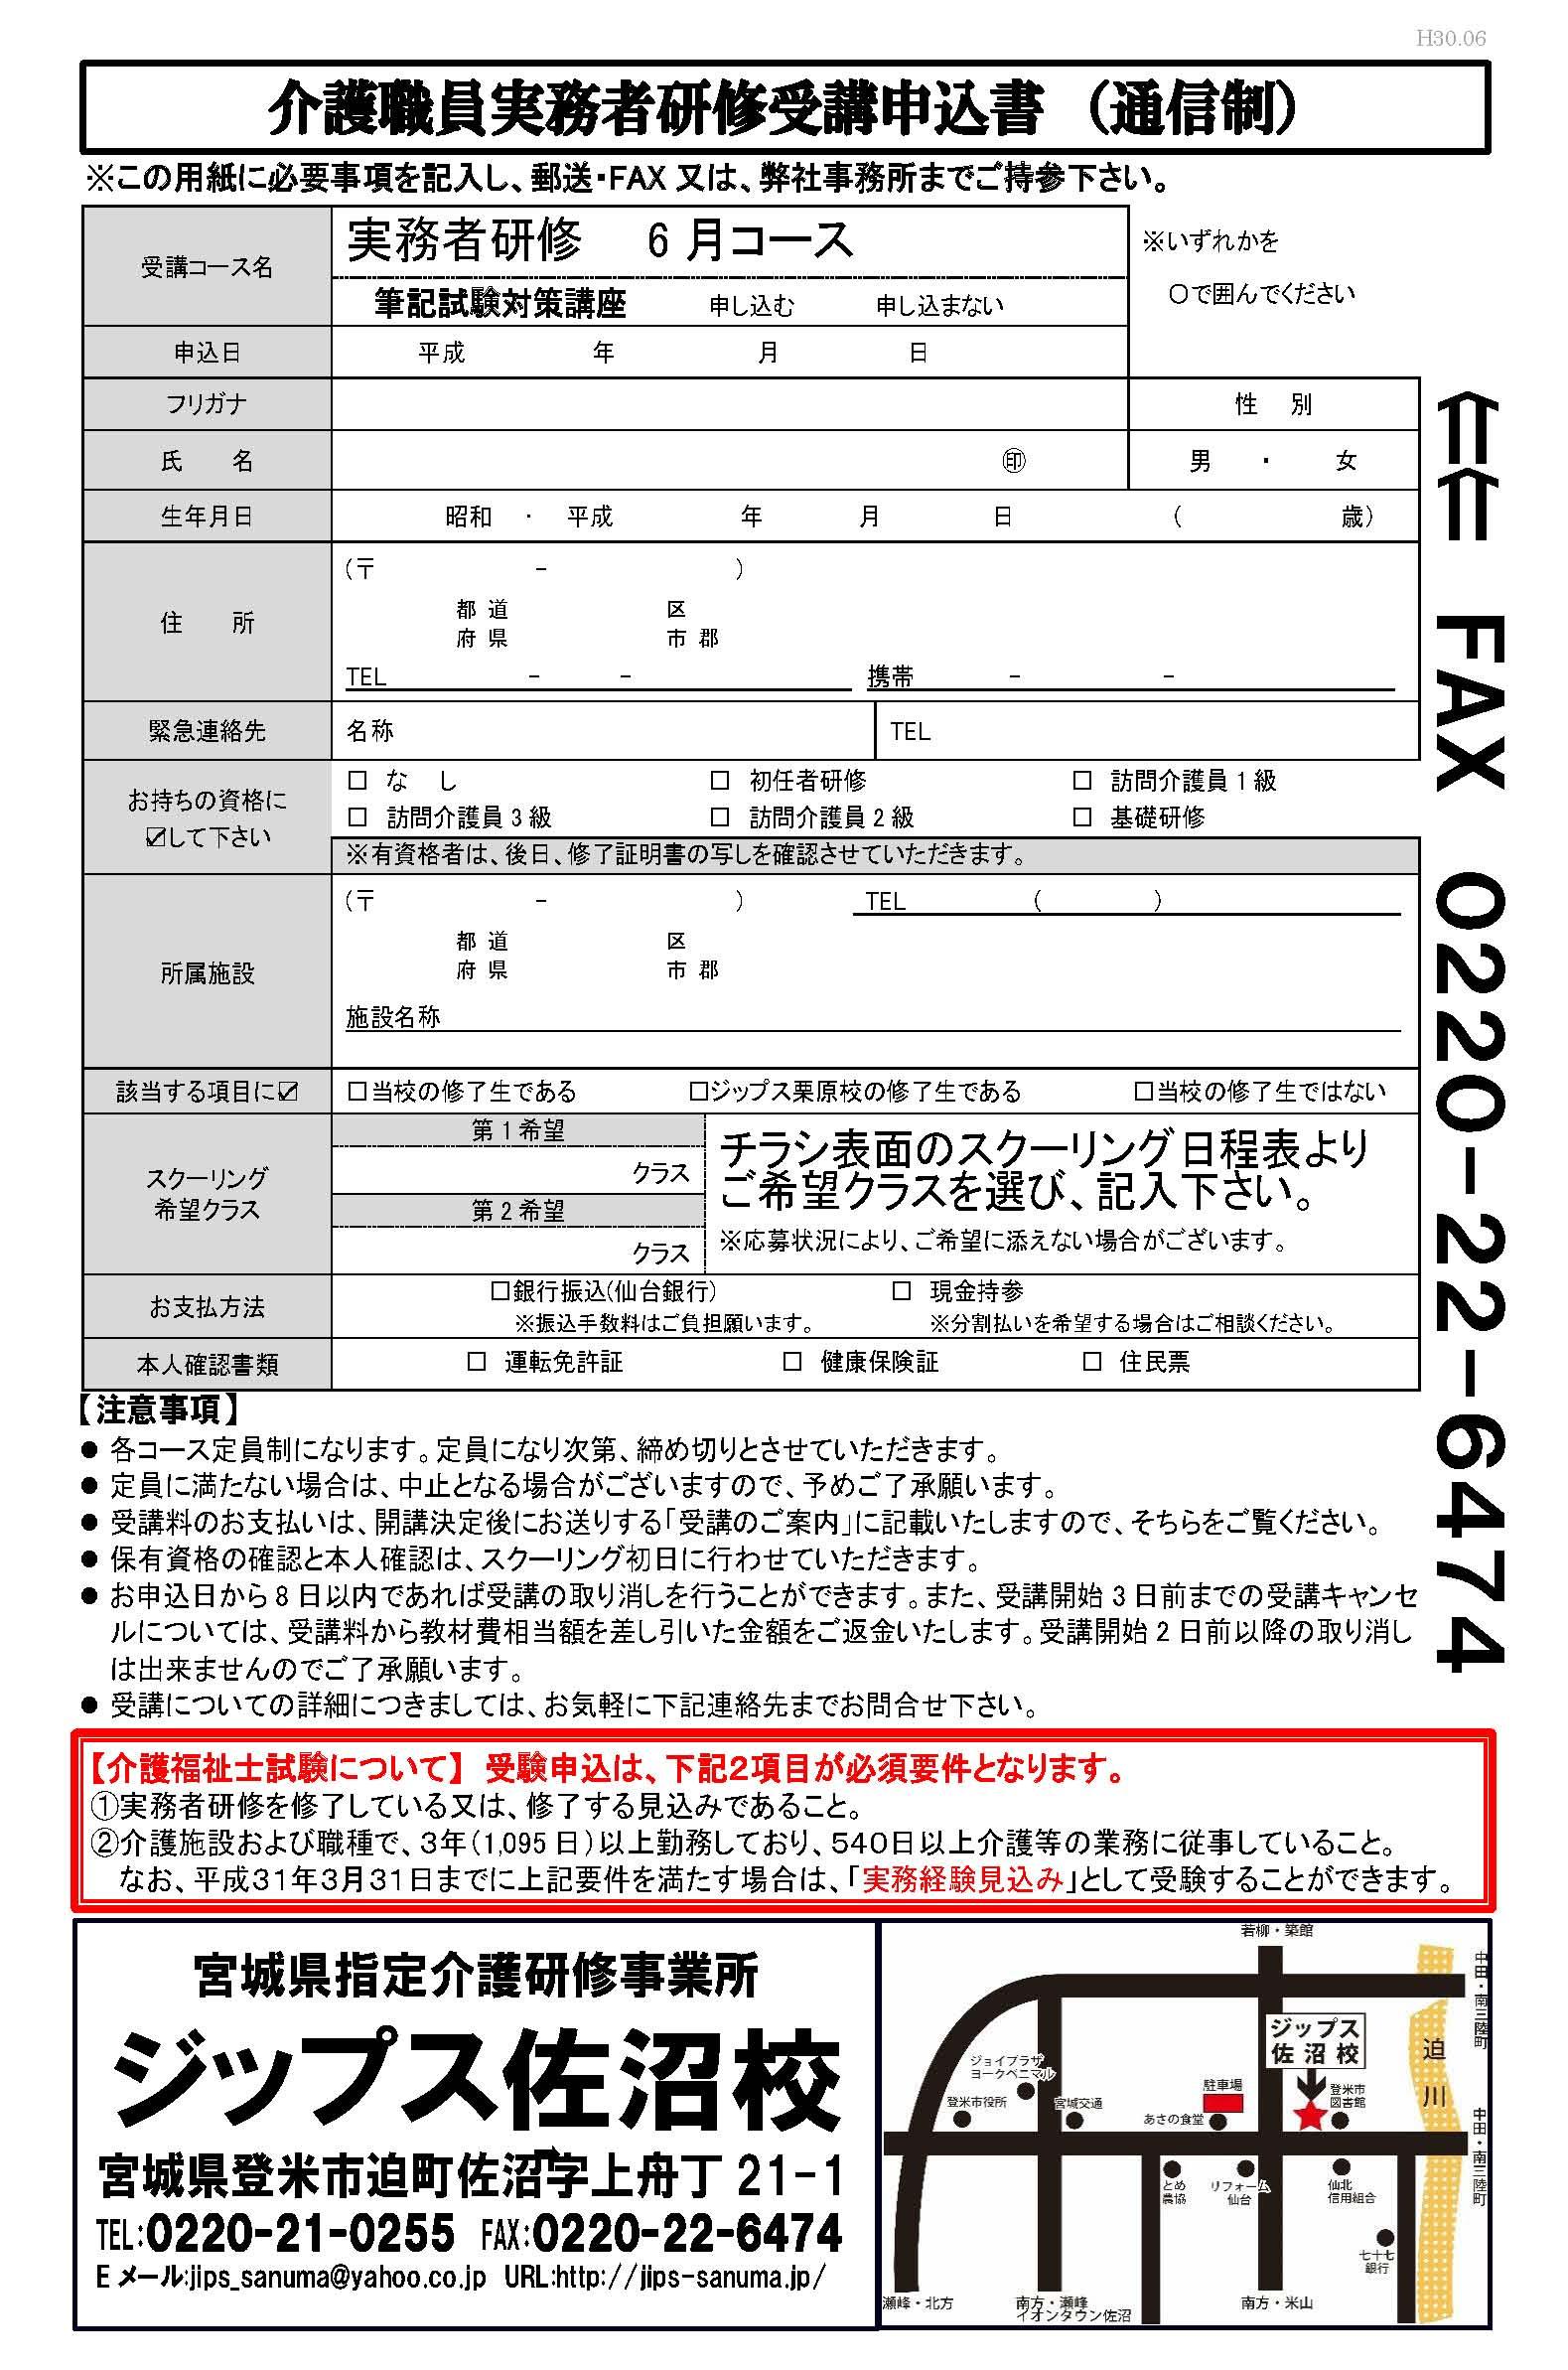 実務者総合チラシH30年6月_ページ_2